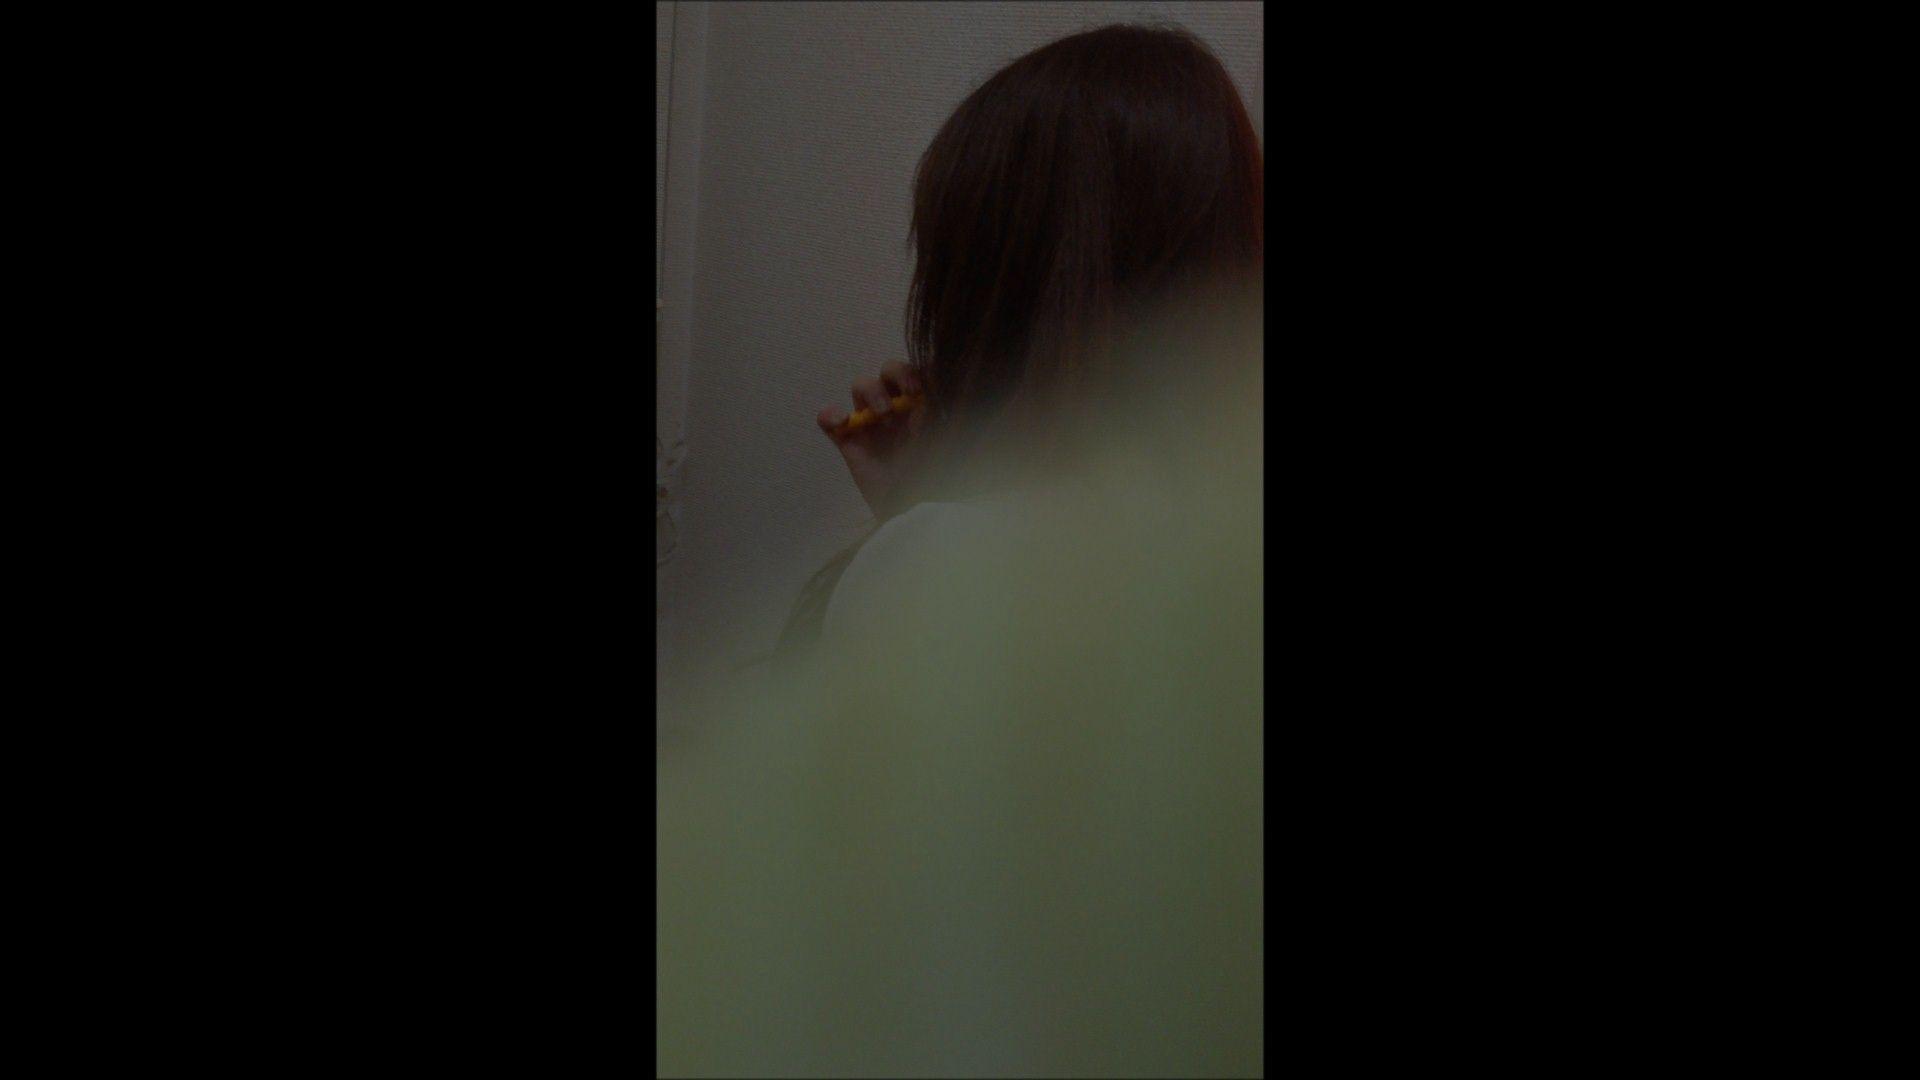 08(8日目)メイク中の彼女の顔を撮りました! いやらしいOL | いやらしい熟女  51連発 25